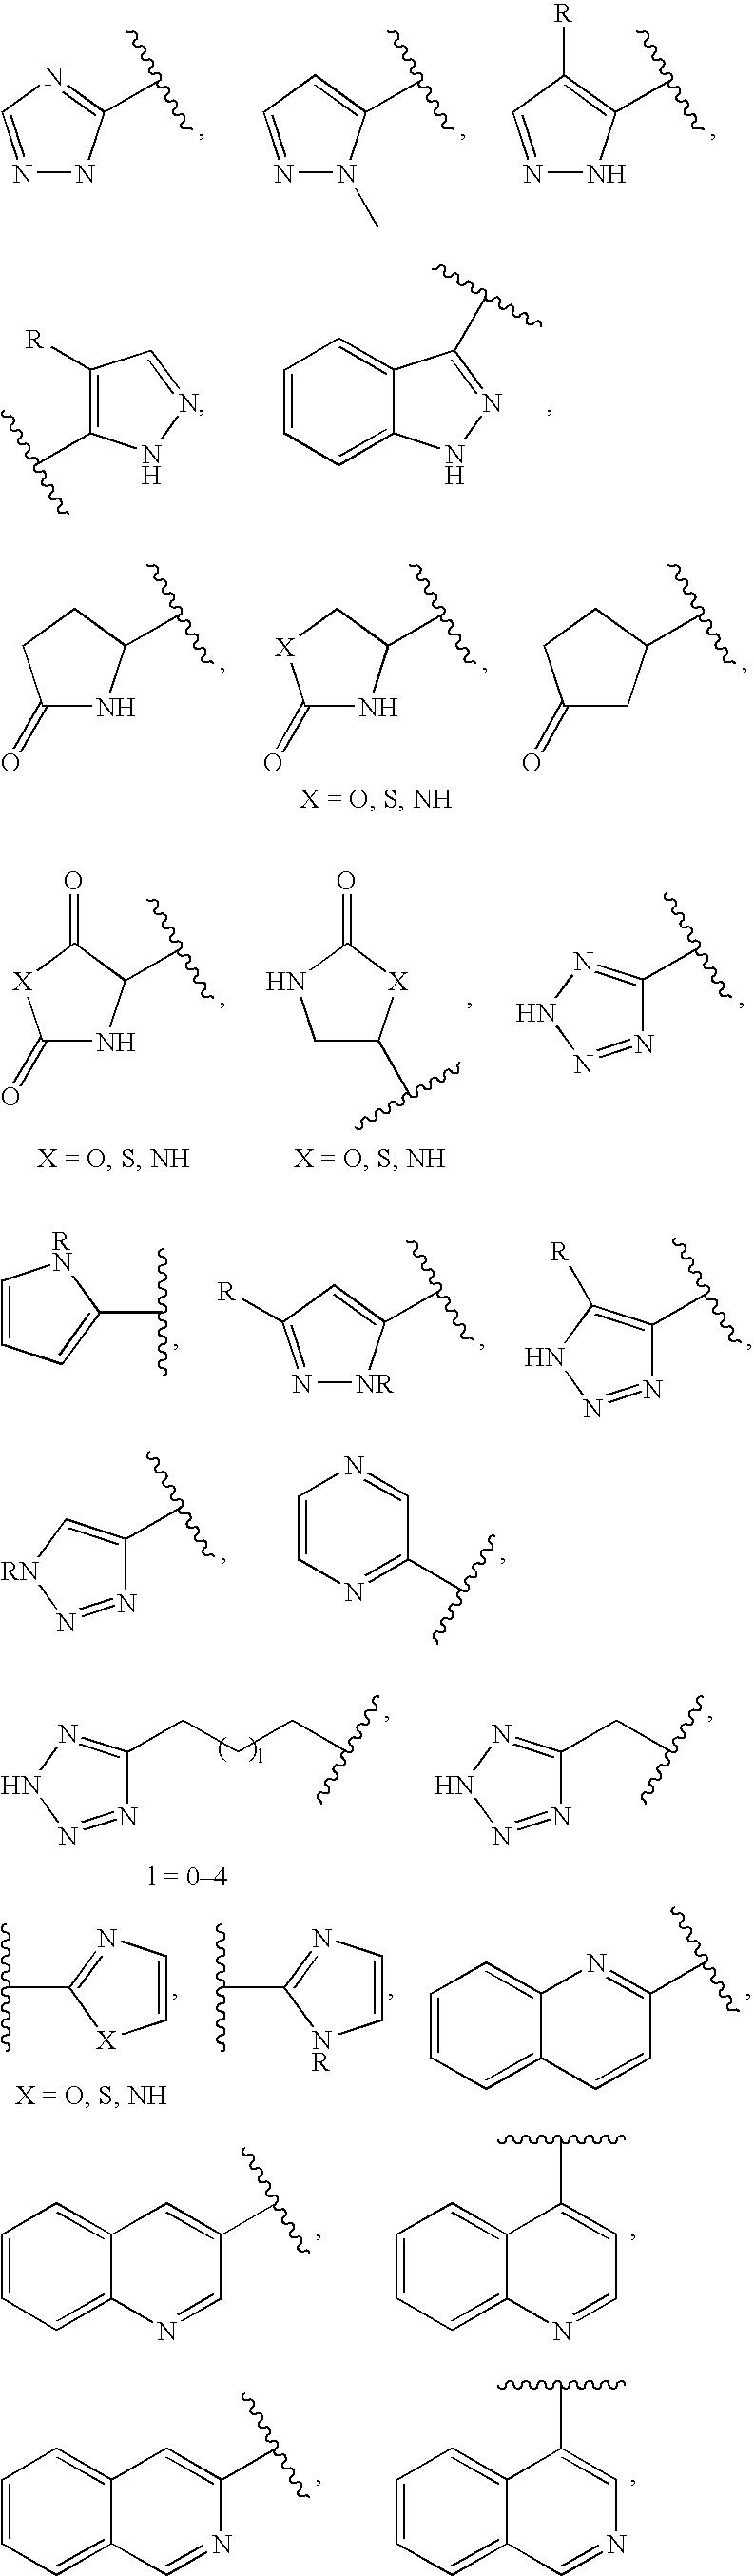 Figure US20060276404A1-20061207-C00211